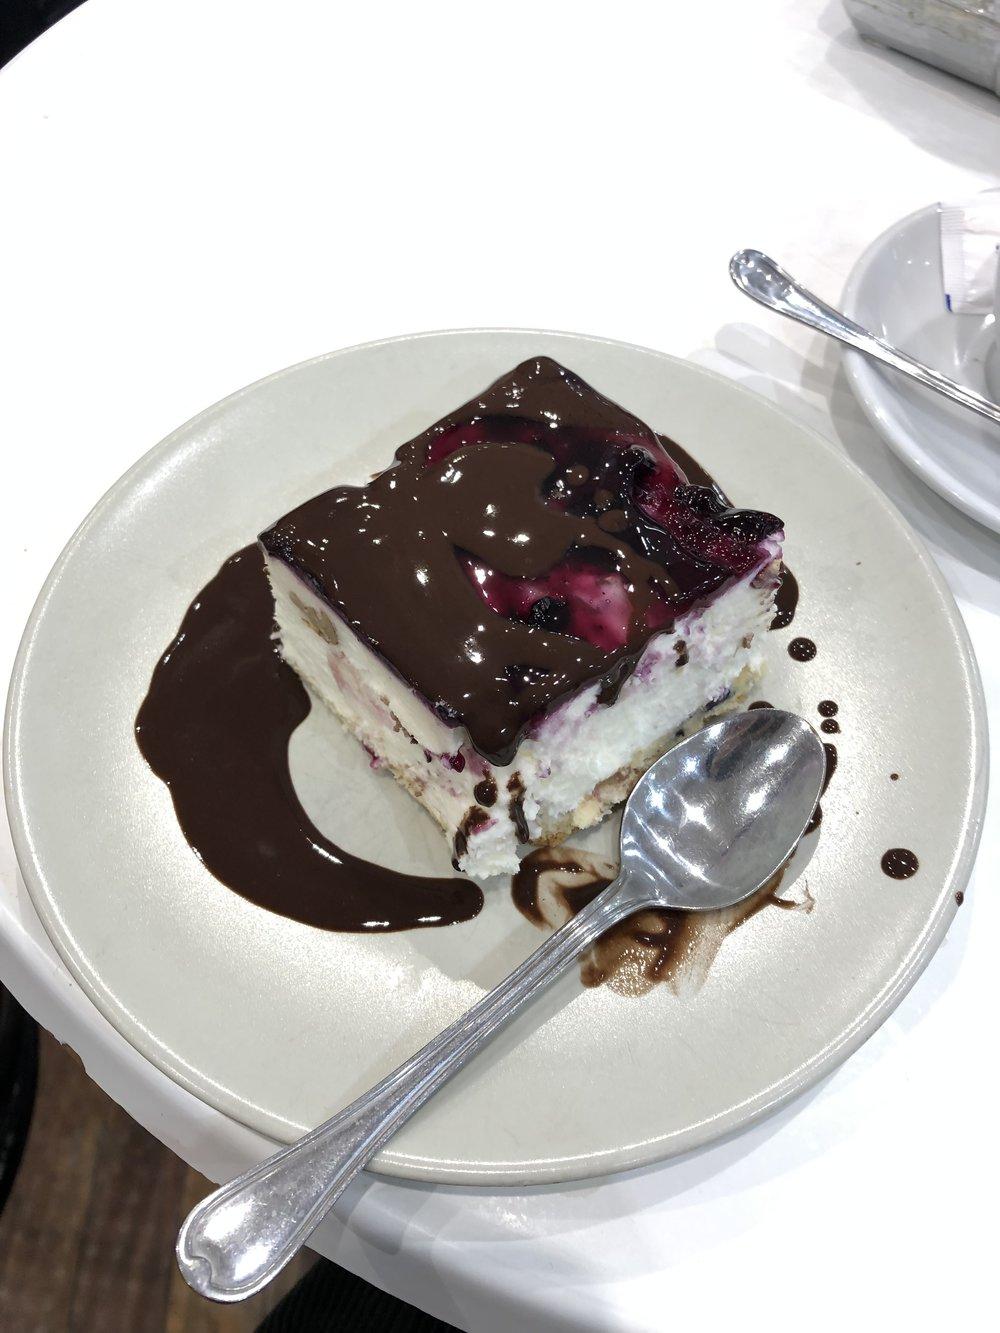 チーズケーキ頼んだら チョコレートかけられて出てきた 涙 ずっと気になってたペイストリート屋さんだけに びっくりそしてあんまり美味しくなかったよw